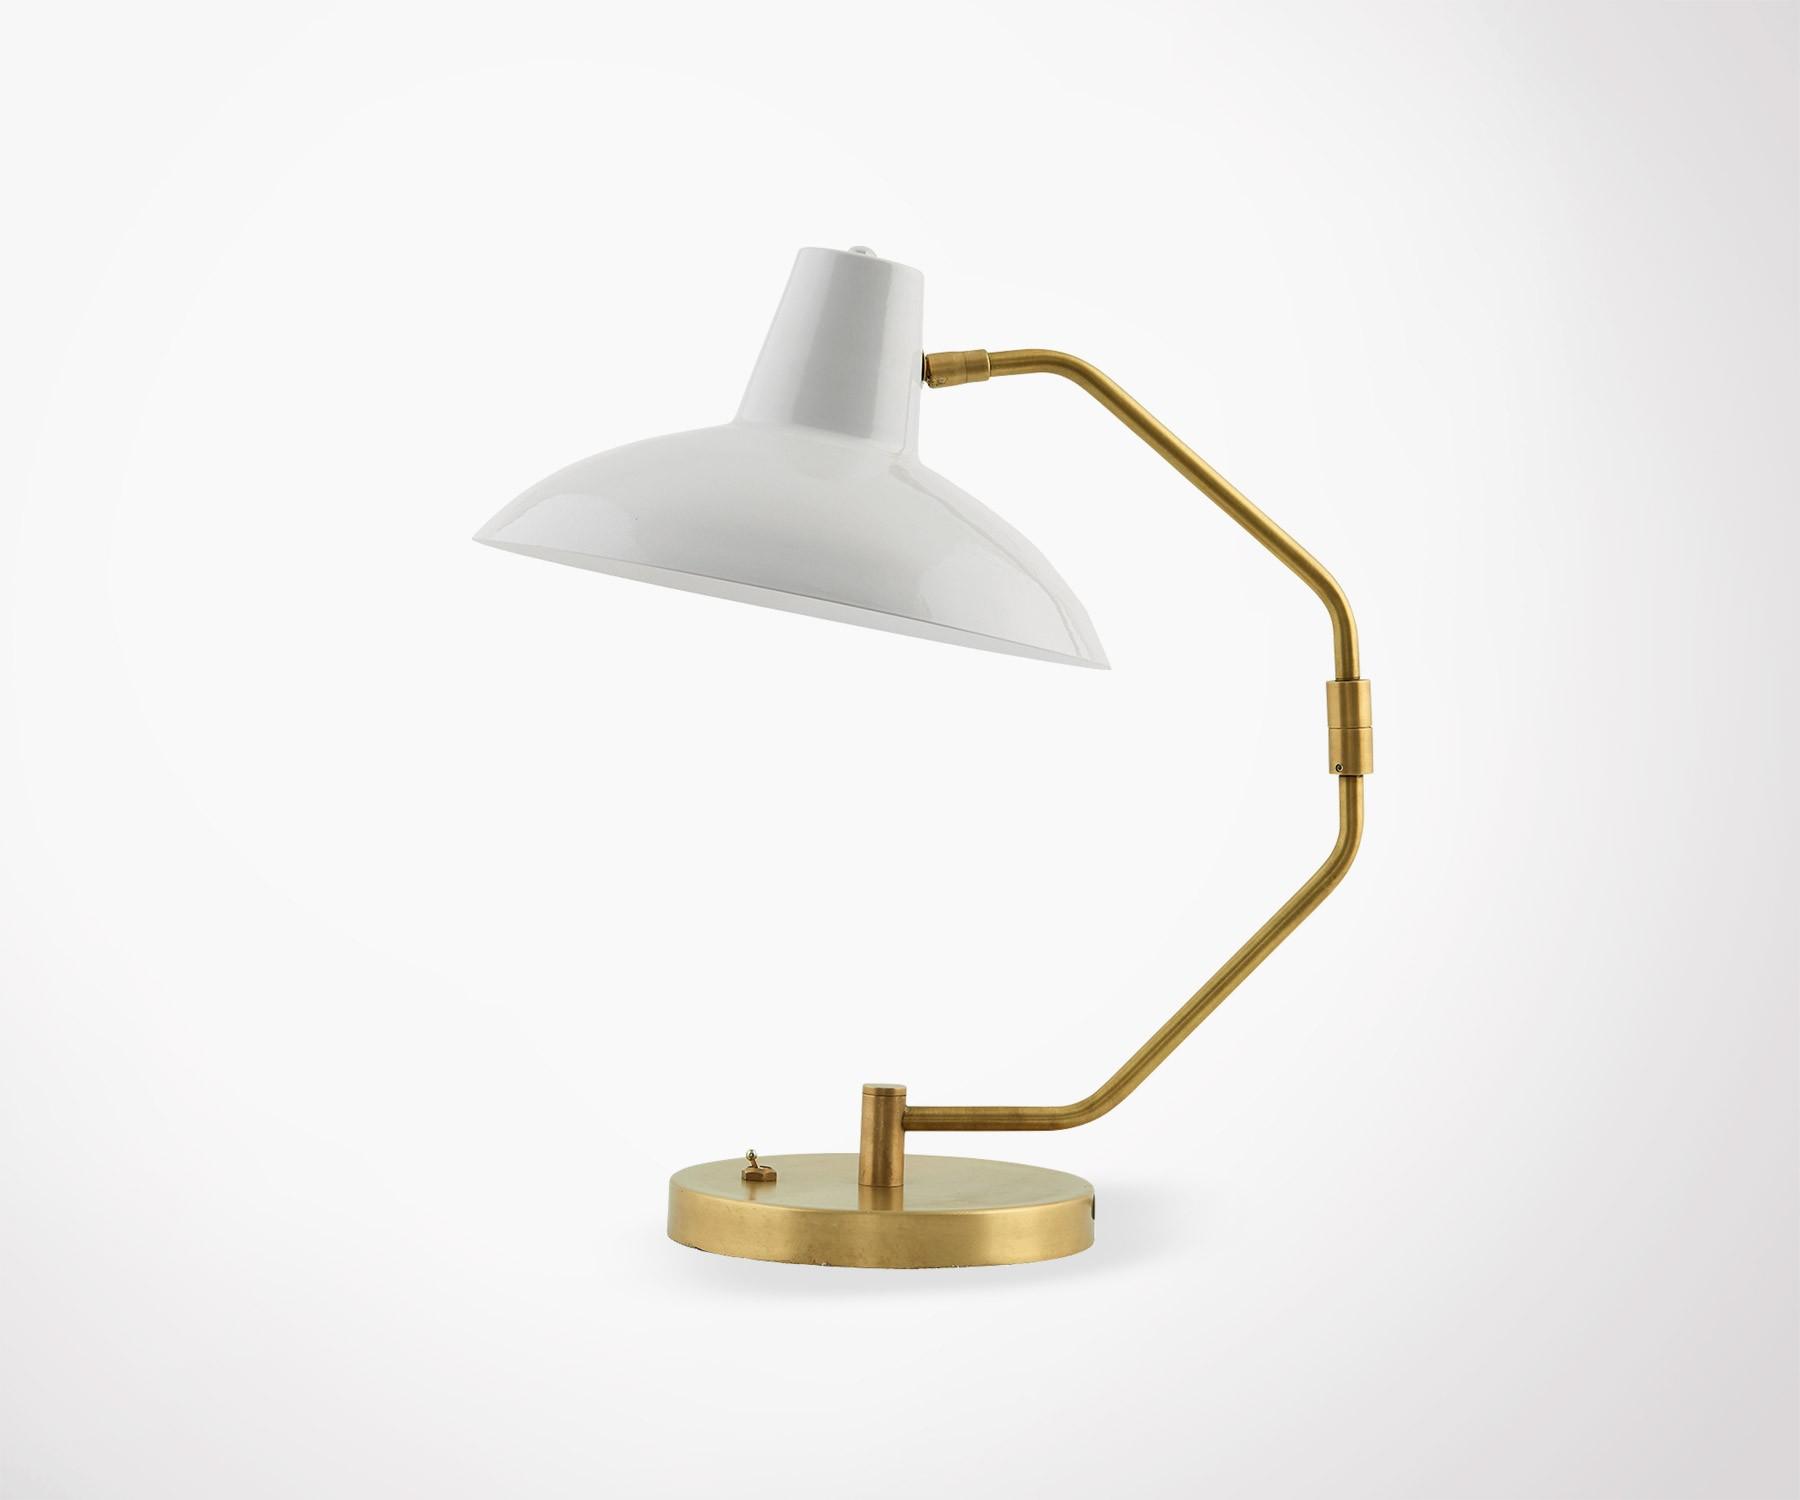 lampe pour bureau lampe sun with lampe pour bureau best lampe de bureau new york lampe de. Black Bedroom Furniture Sets. Home Design Ideas